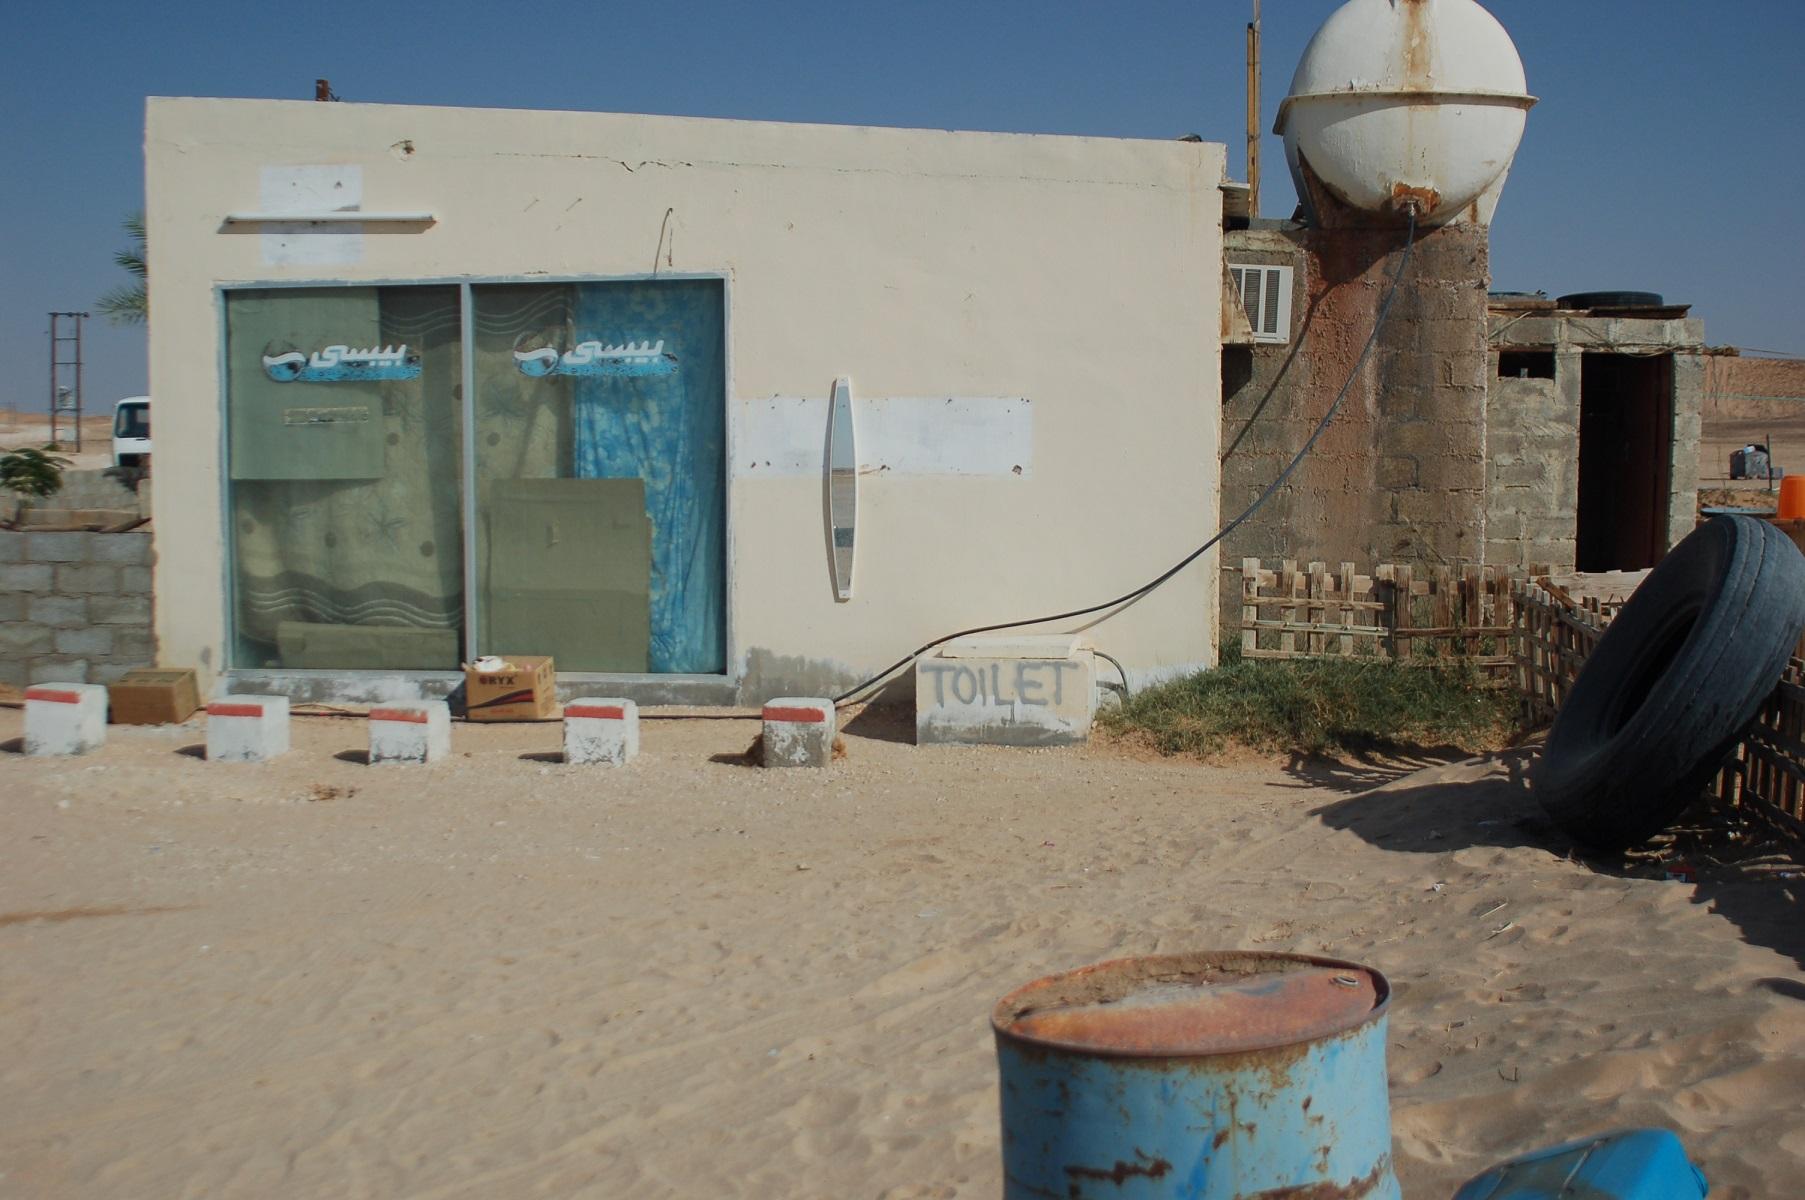 Oman - Die letzte Tankstelle hier draußen. Auch wenn es nicht so aussieht, es gibt sogar gekühlte Getränke und Eis